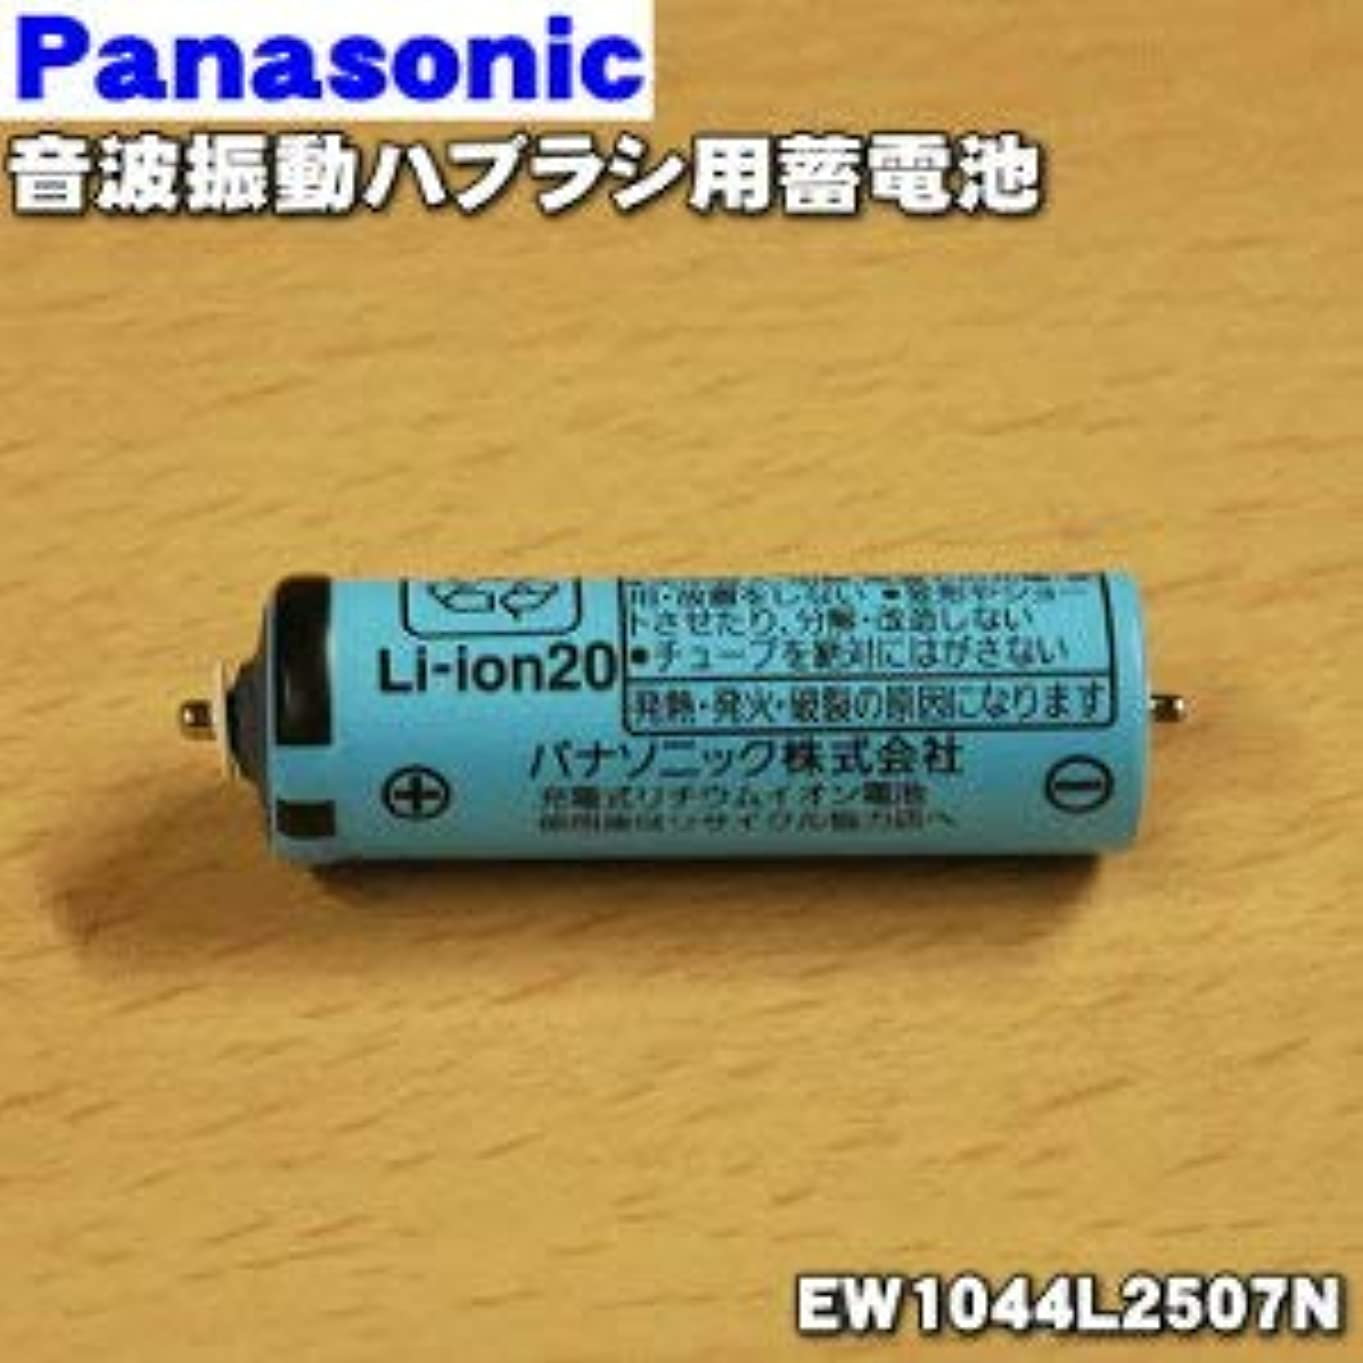 失速ヘロイン億【ゆうパケット対応品】 パナソニック Panasonic 音波振動ハブラシ Doltz 蓄電池交換用蓄電池 EW1044L2507N